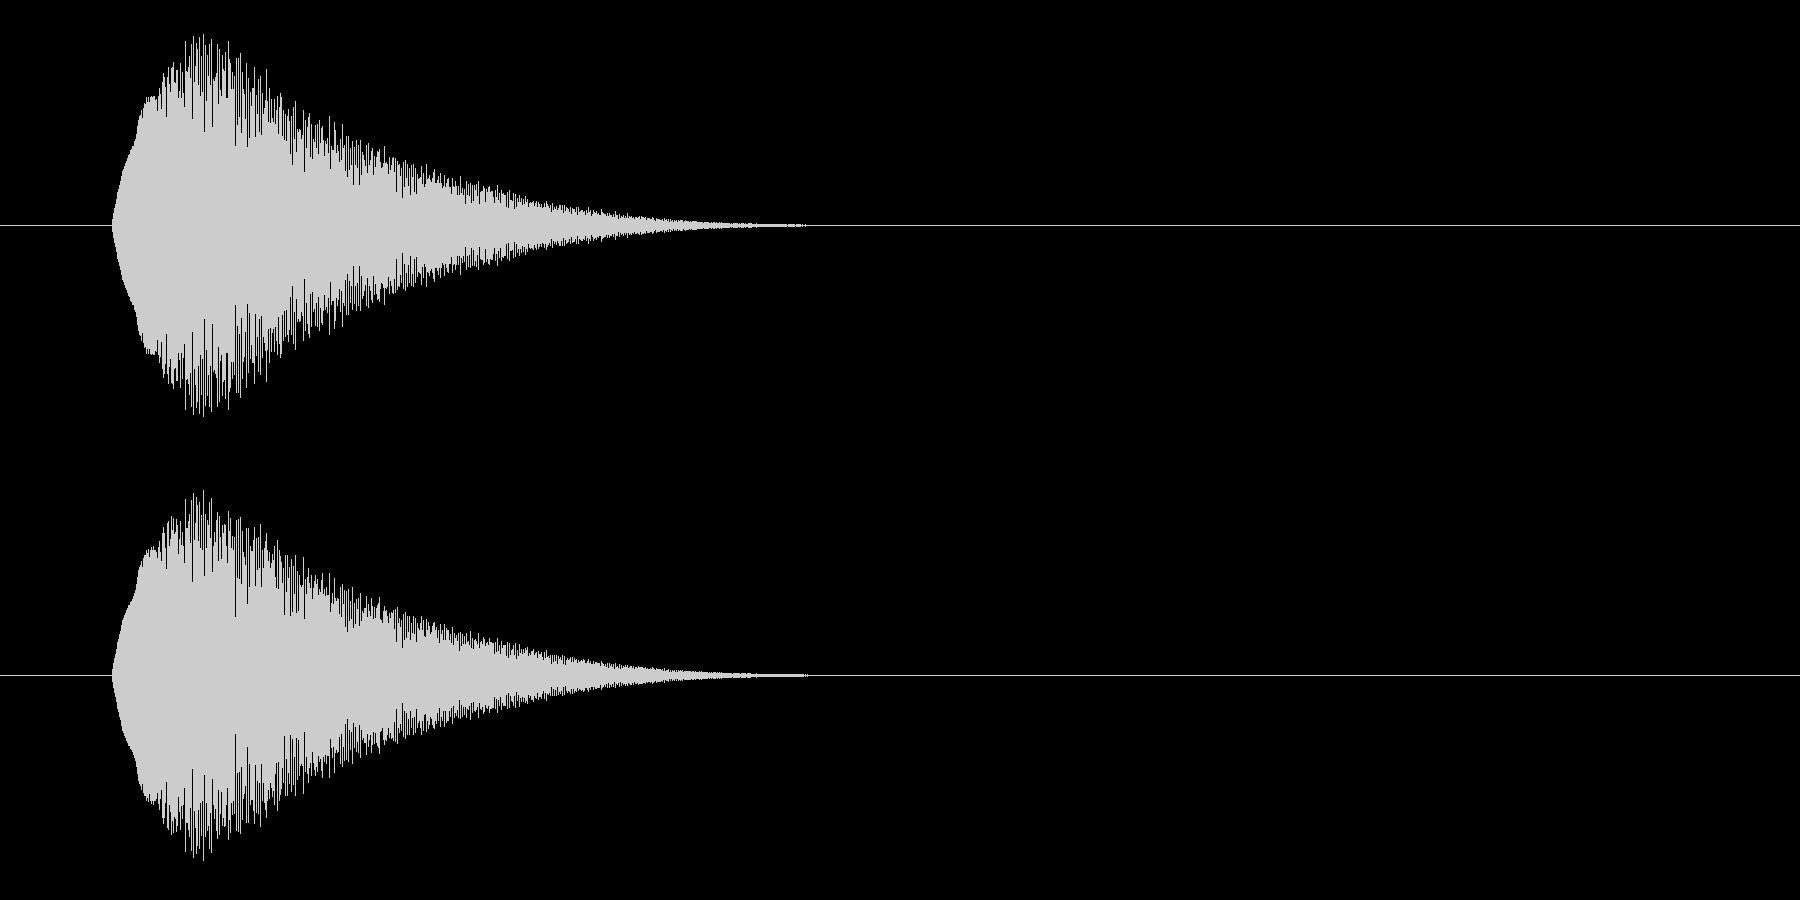 短いボタン音です。エラーボタンなど、否…の未再生の波形